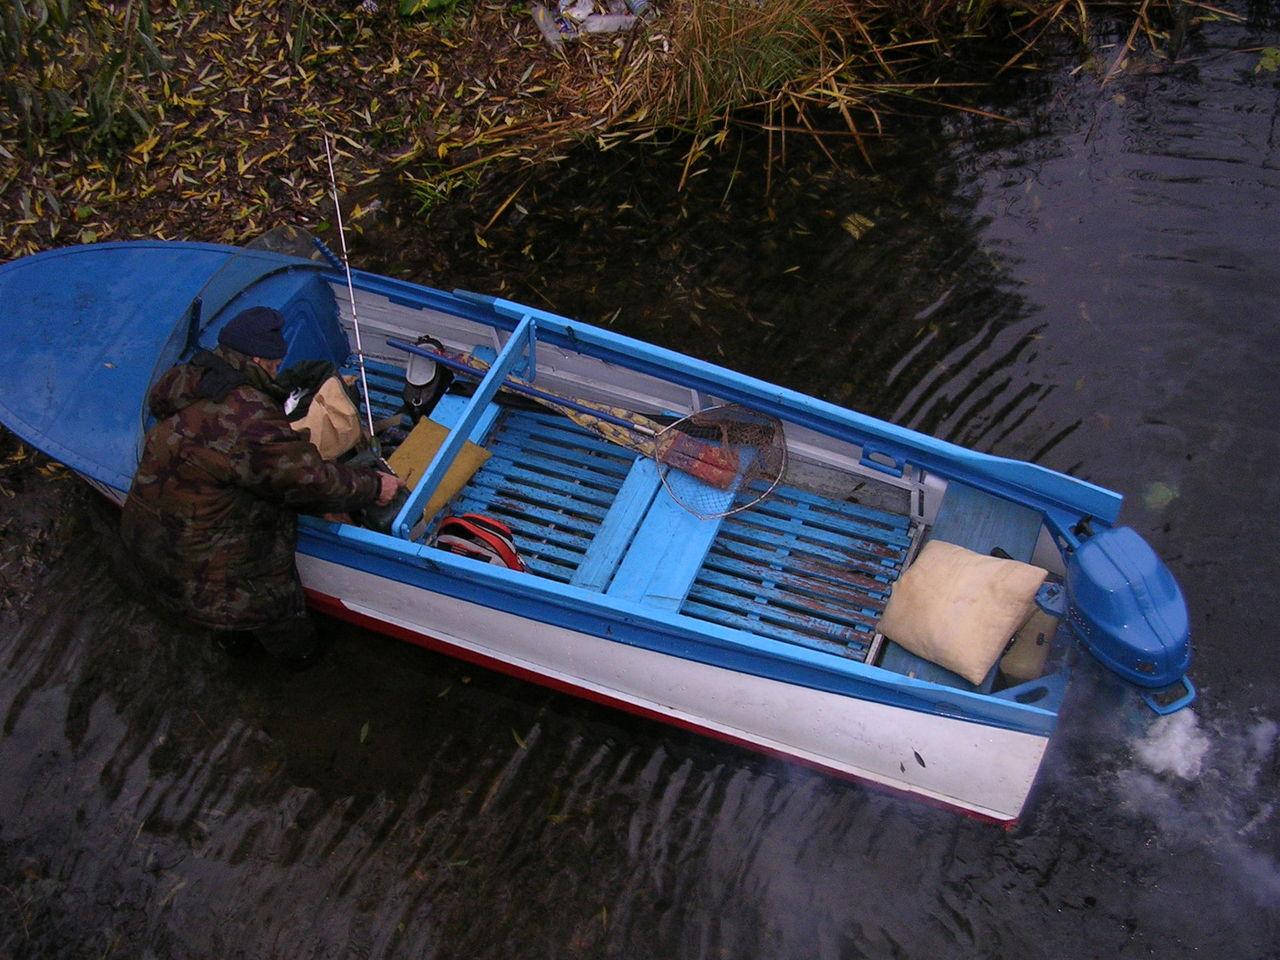 алюминиевая лодка и ветерок 8